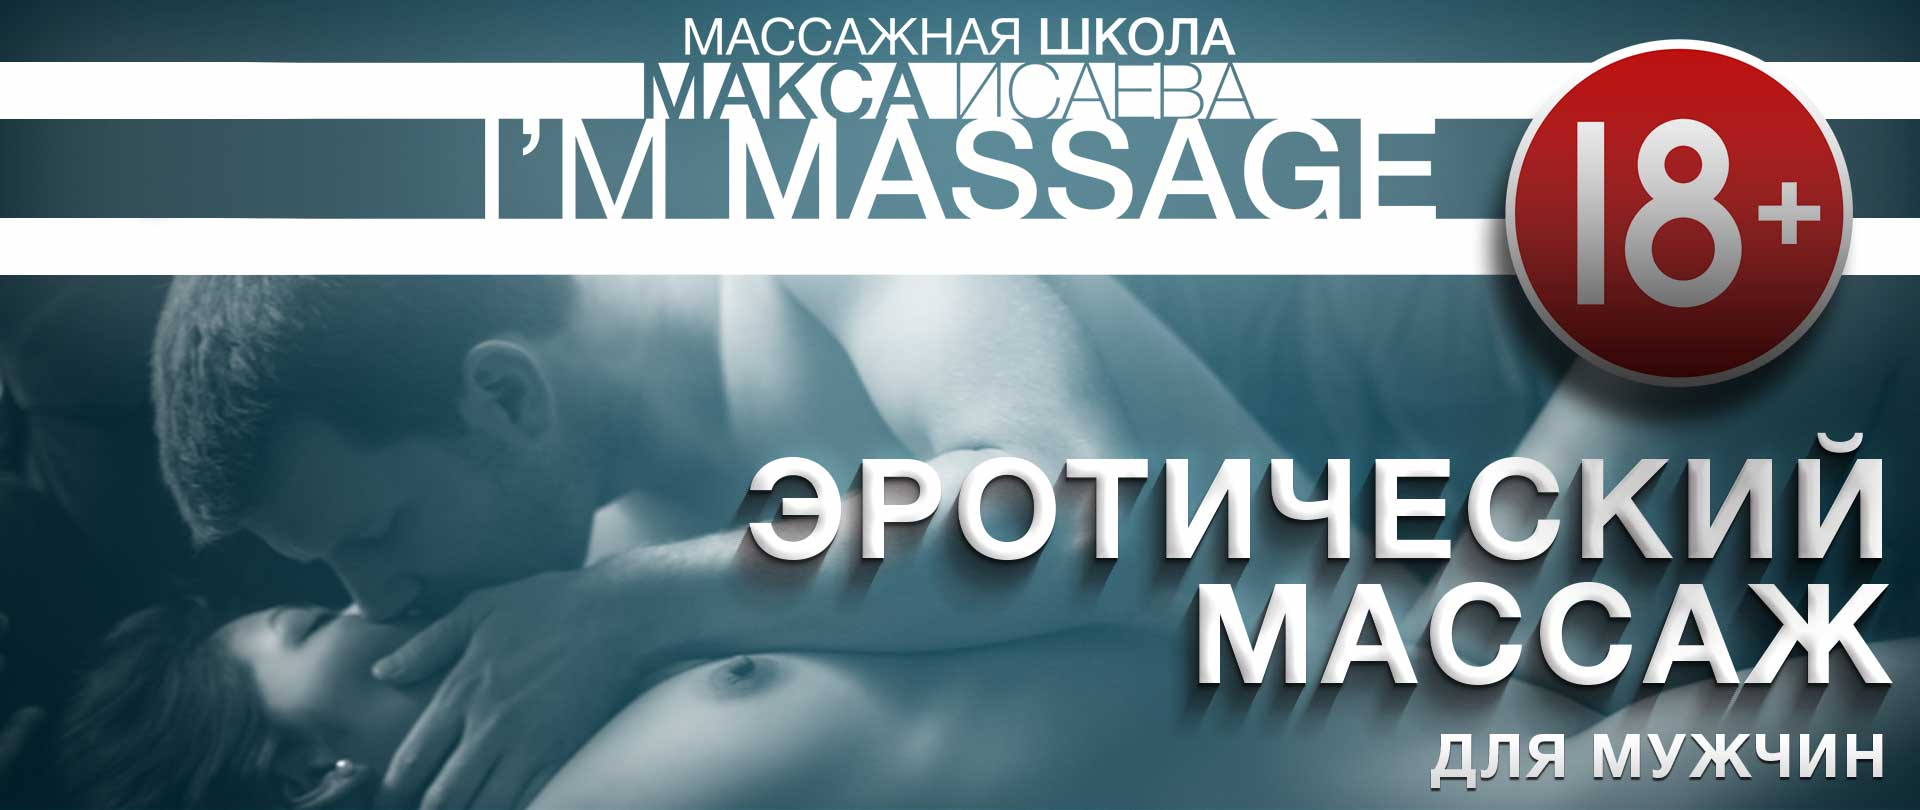 эротический массажа обучение мужчин